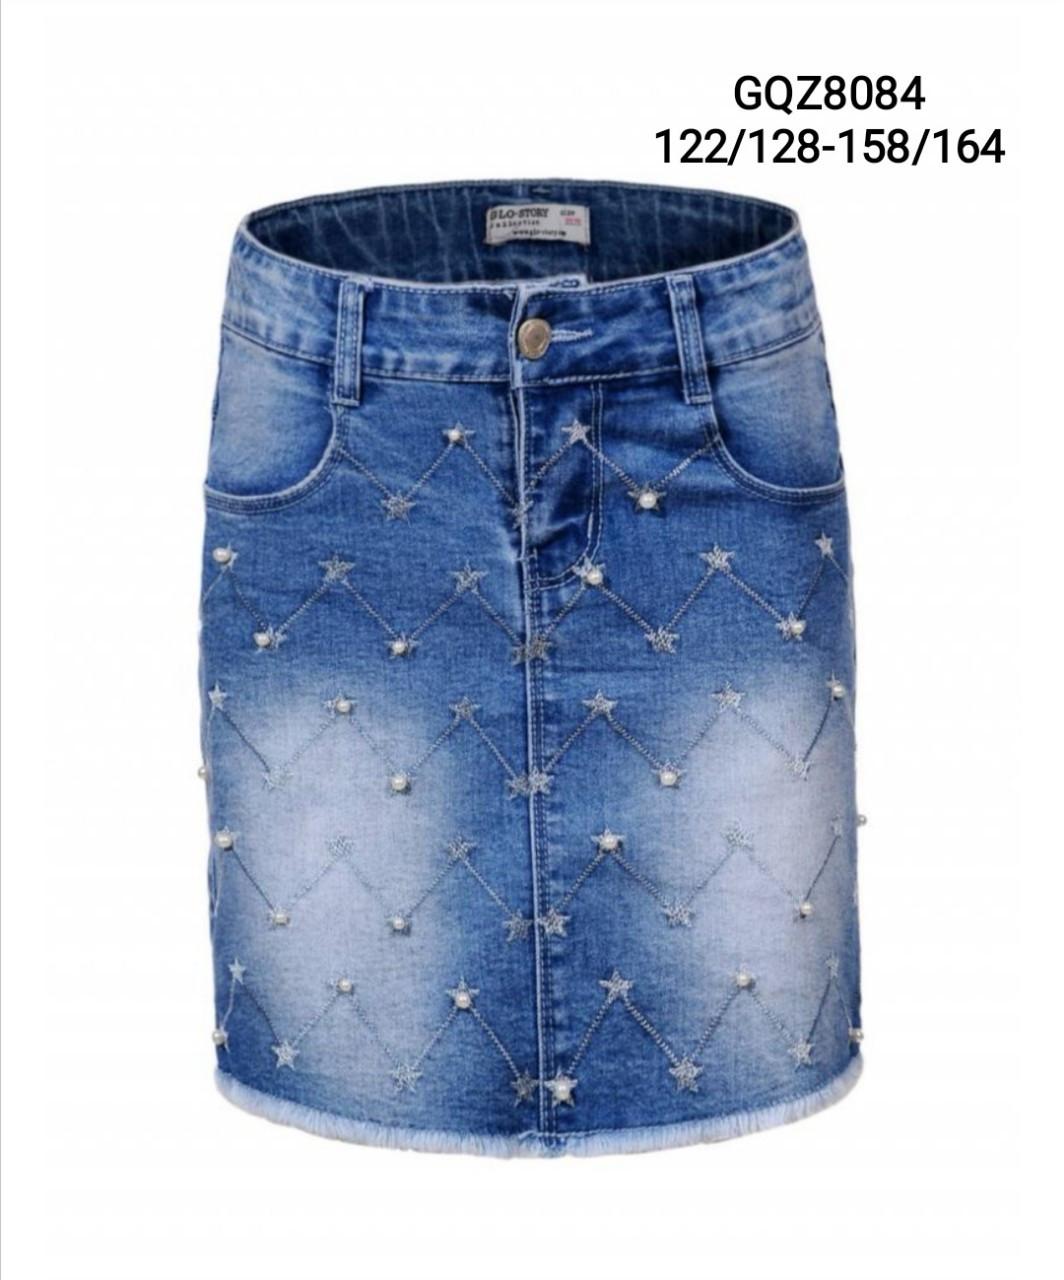 Джинсовая юбка для девочек оптом, размеры 122/128-158/164, Glo-Story, арт. GQZ-8084